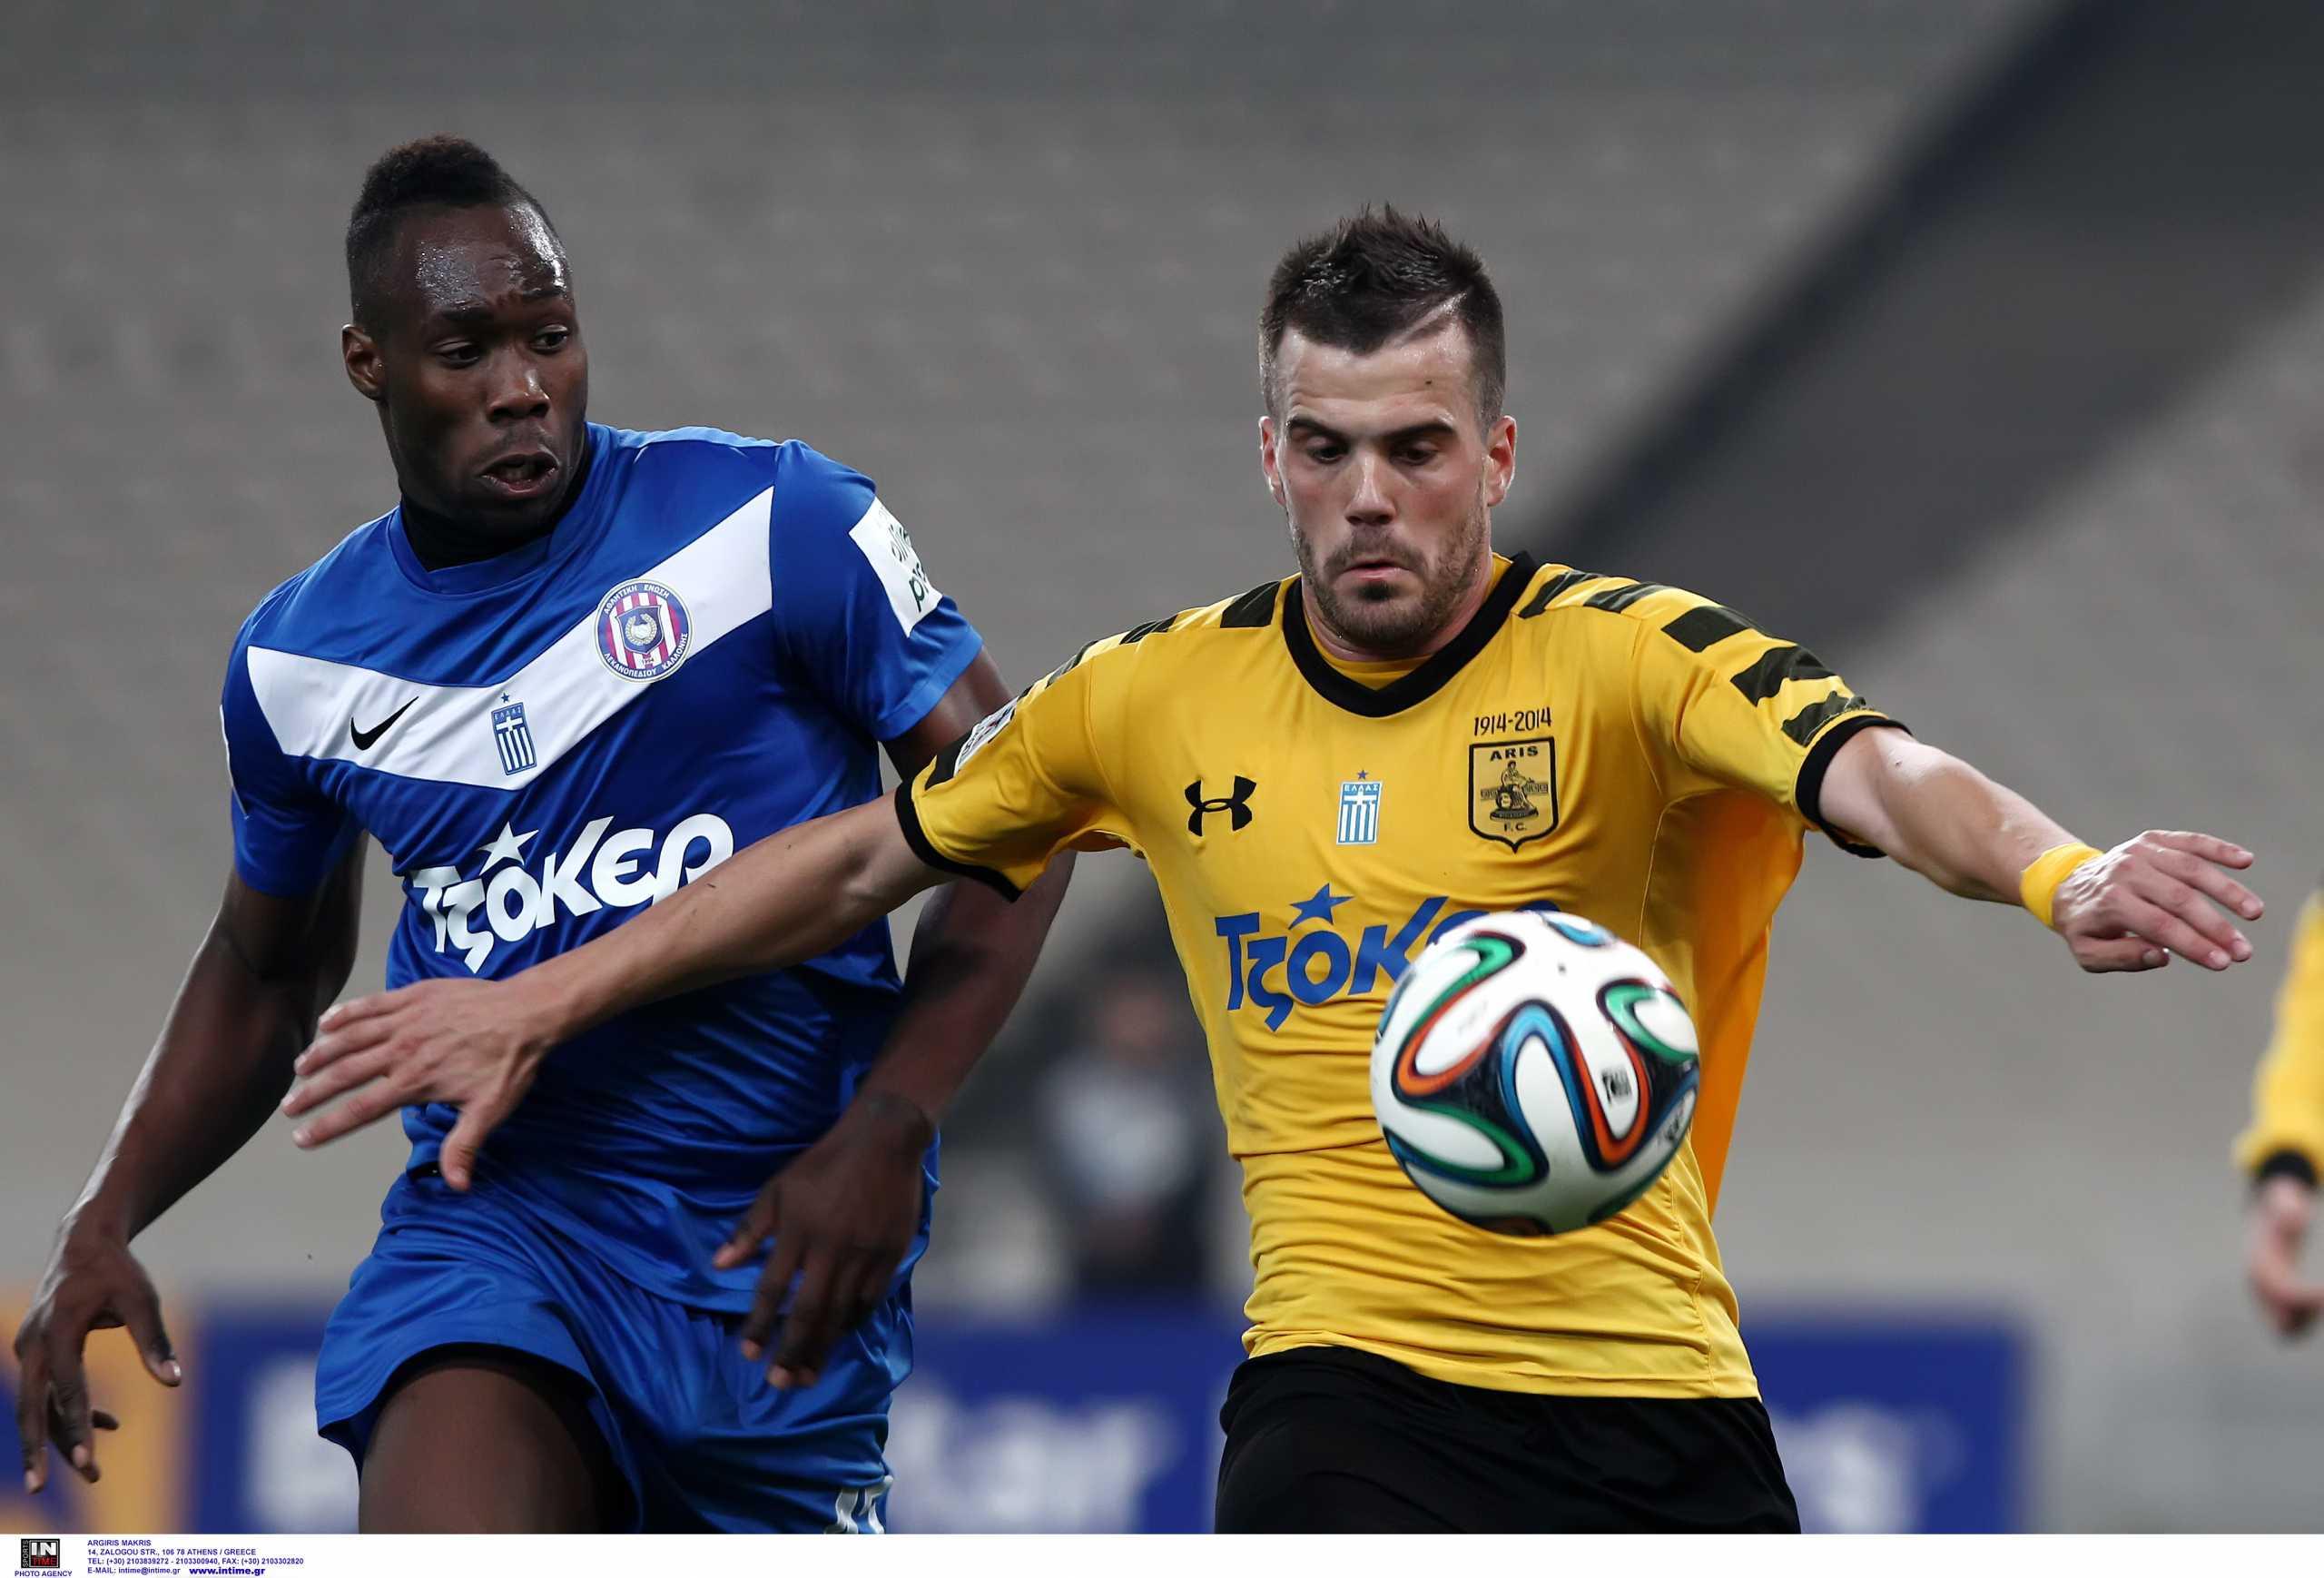 Νίκος Τσουμάνης: Τα συλλυπητήρια της ΠΑΕ ΠΑΟΚ για τον χαμό του ποδοσφαιριστή